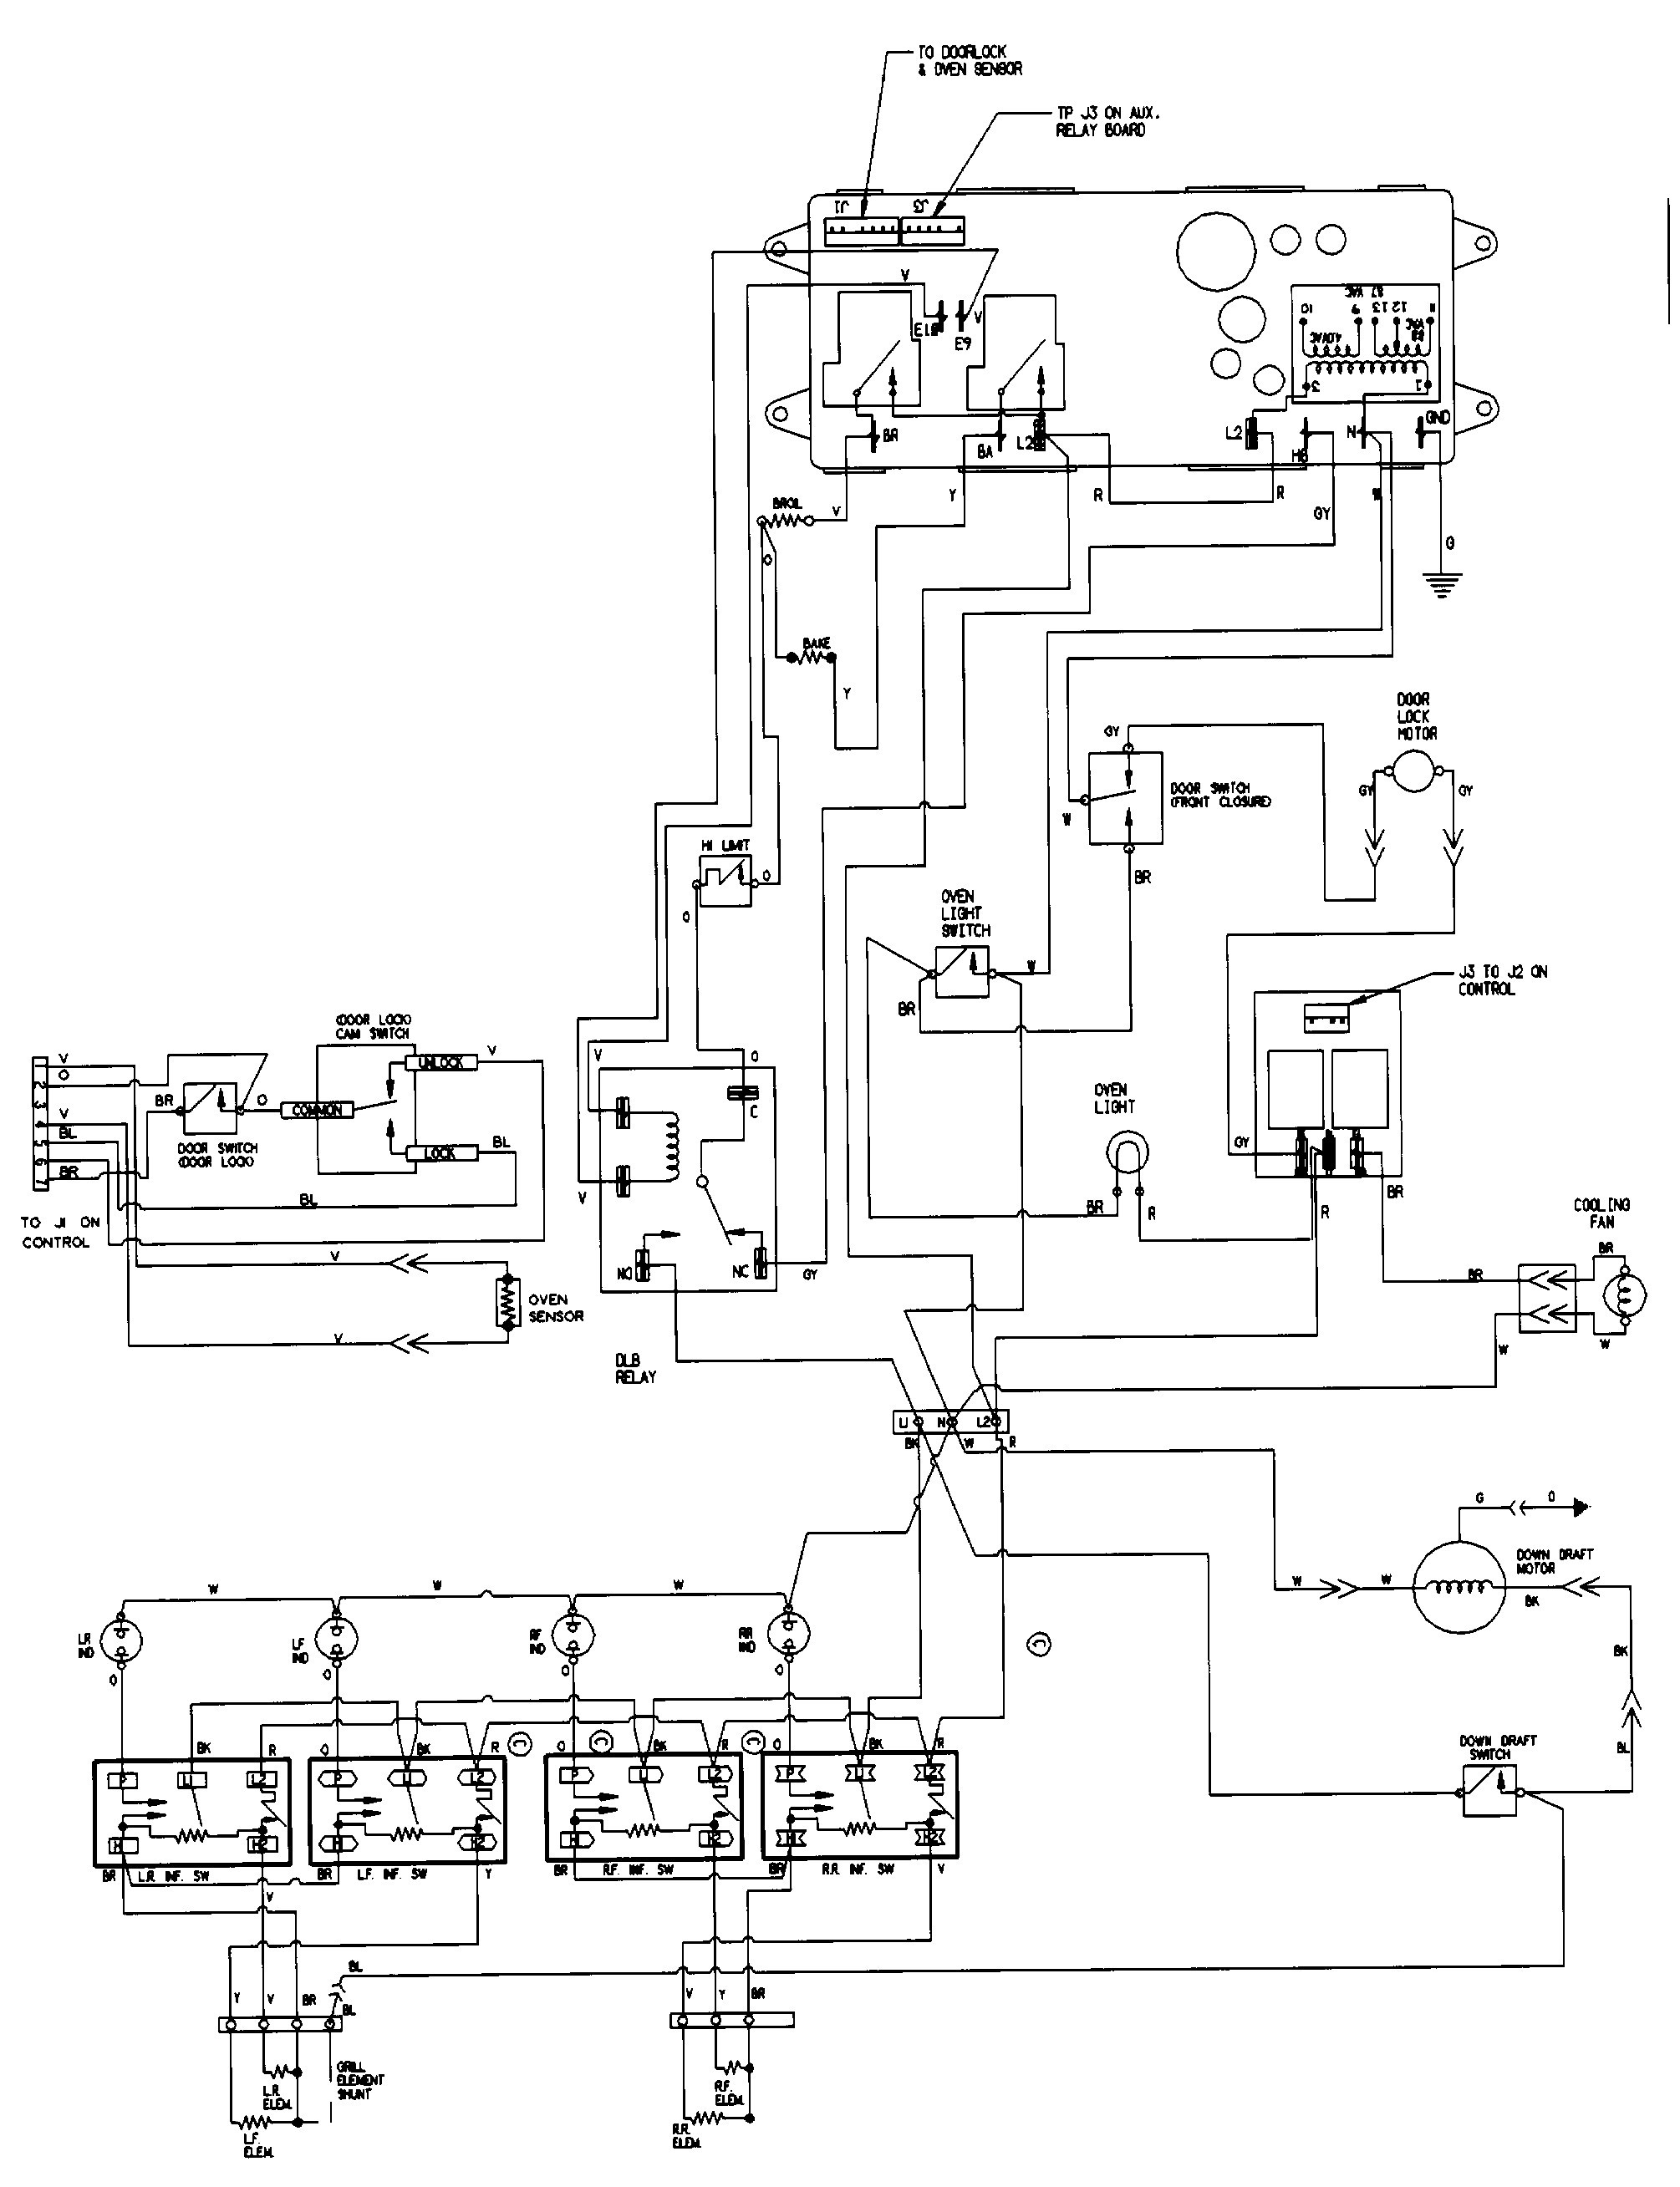 mitsubishi montero wiring diagram for warn 2500 winch 2000 sport 3 engine my